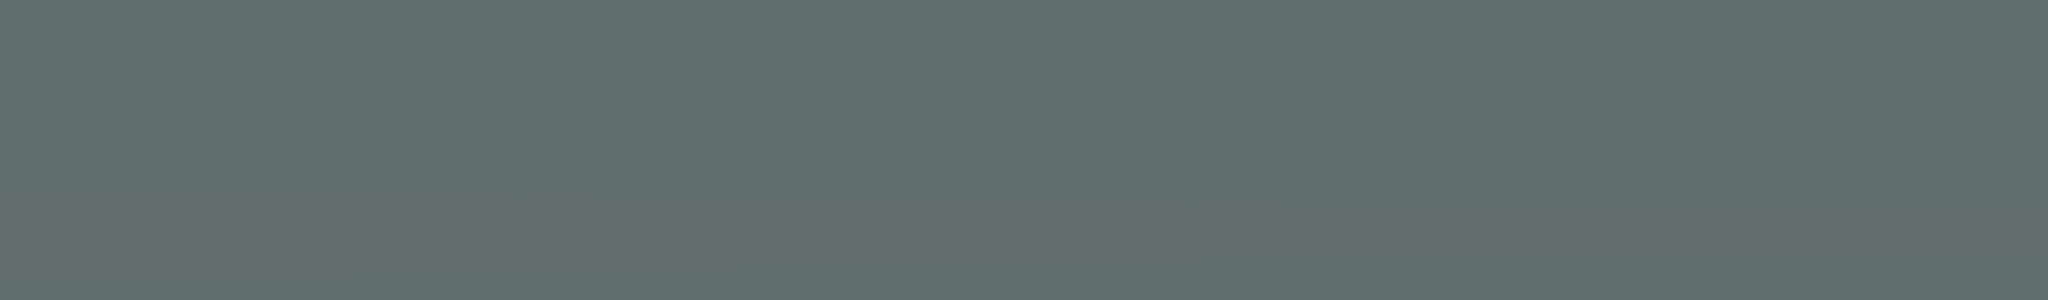 HU 17975 кромка ABS серая сланец гладкая 100